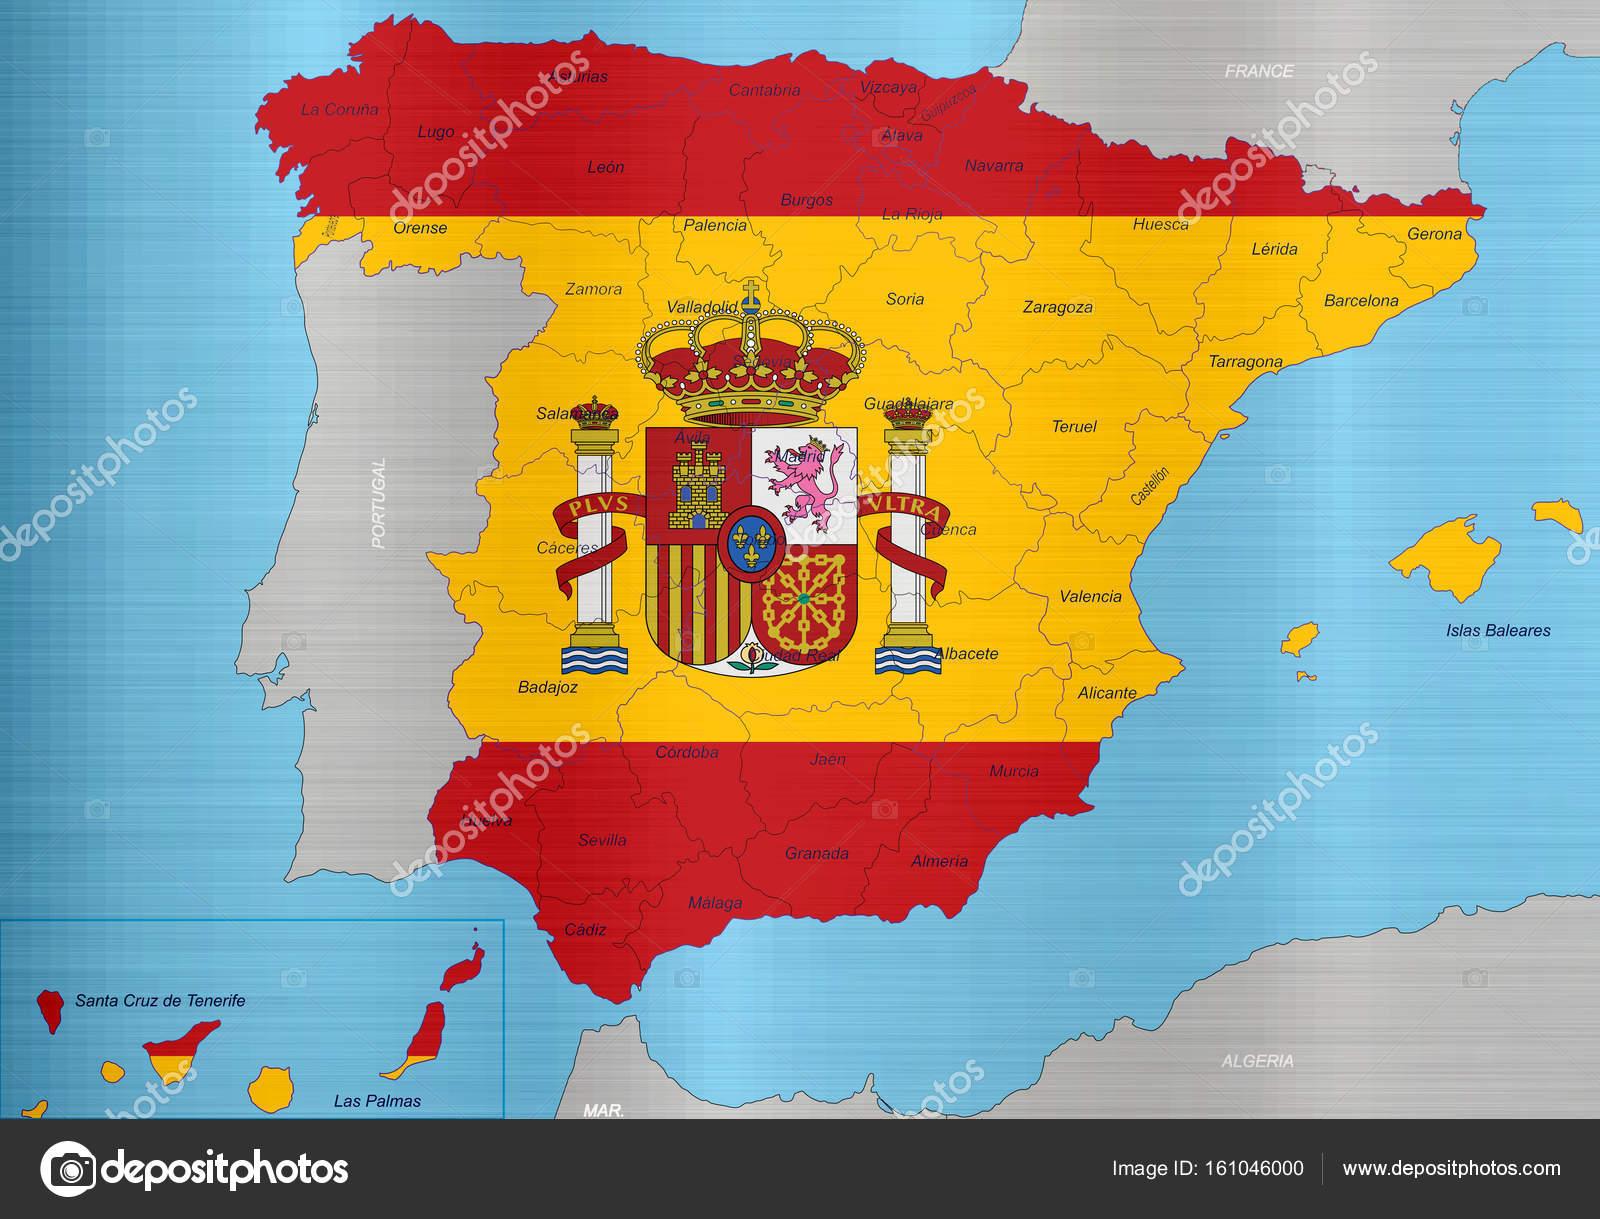 Spanien Regionen Karte.Spanien Flagge Karte Regionen Stockfoto Chutimakuanamon 161046000